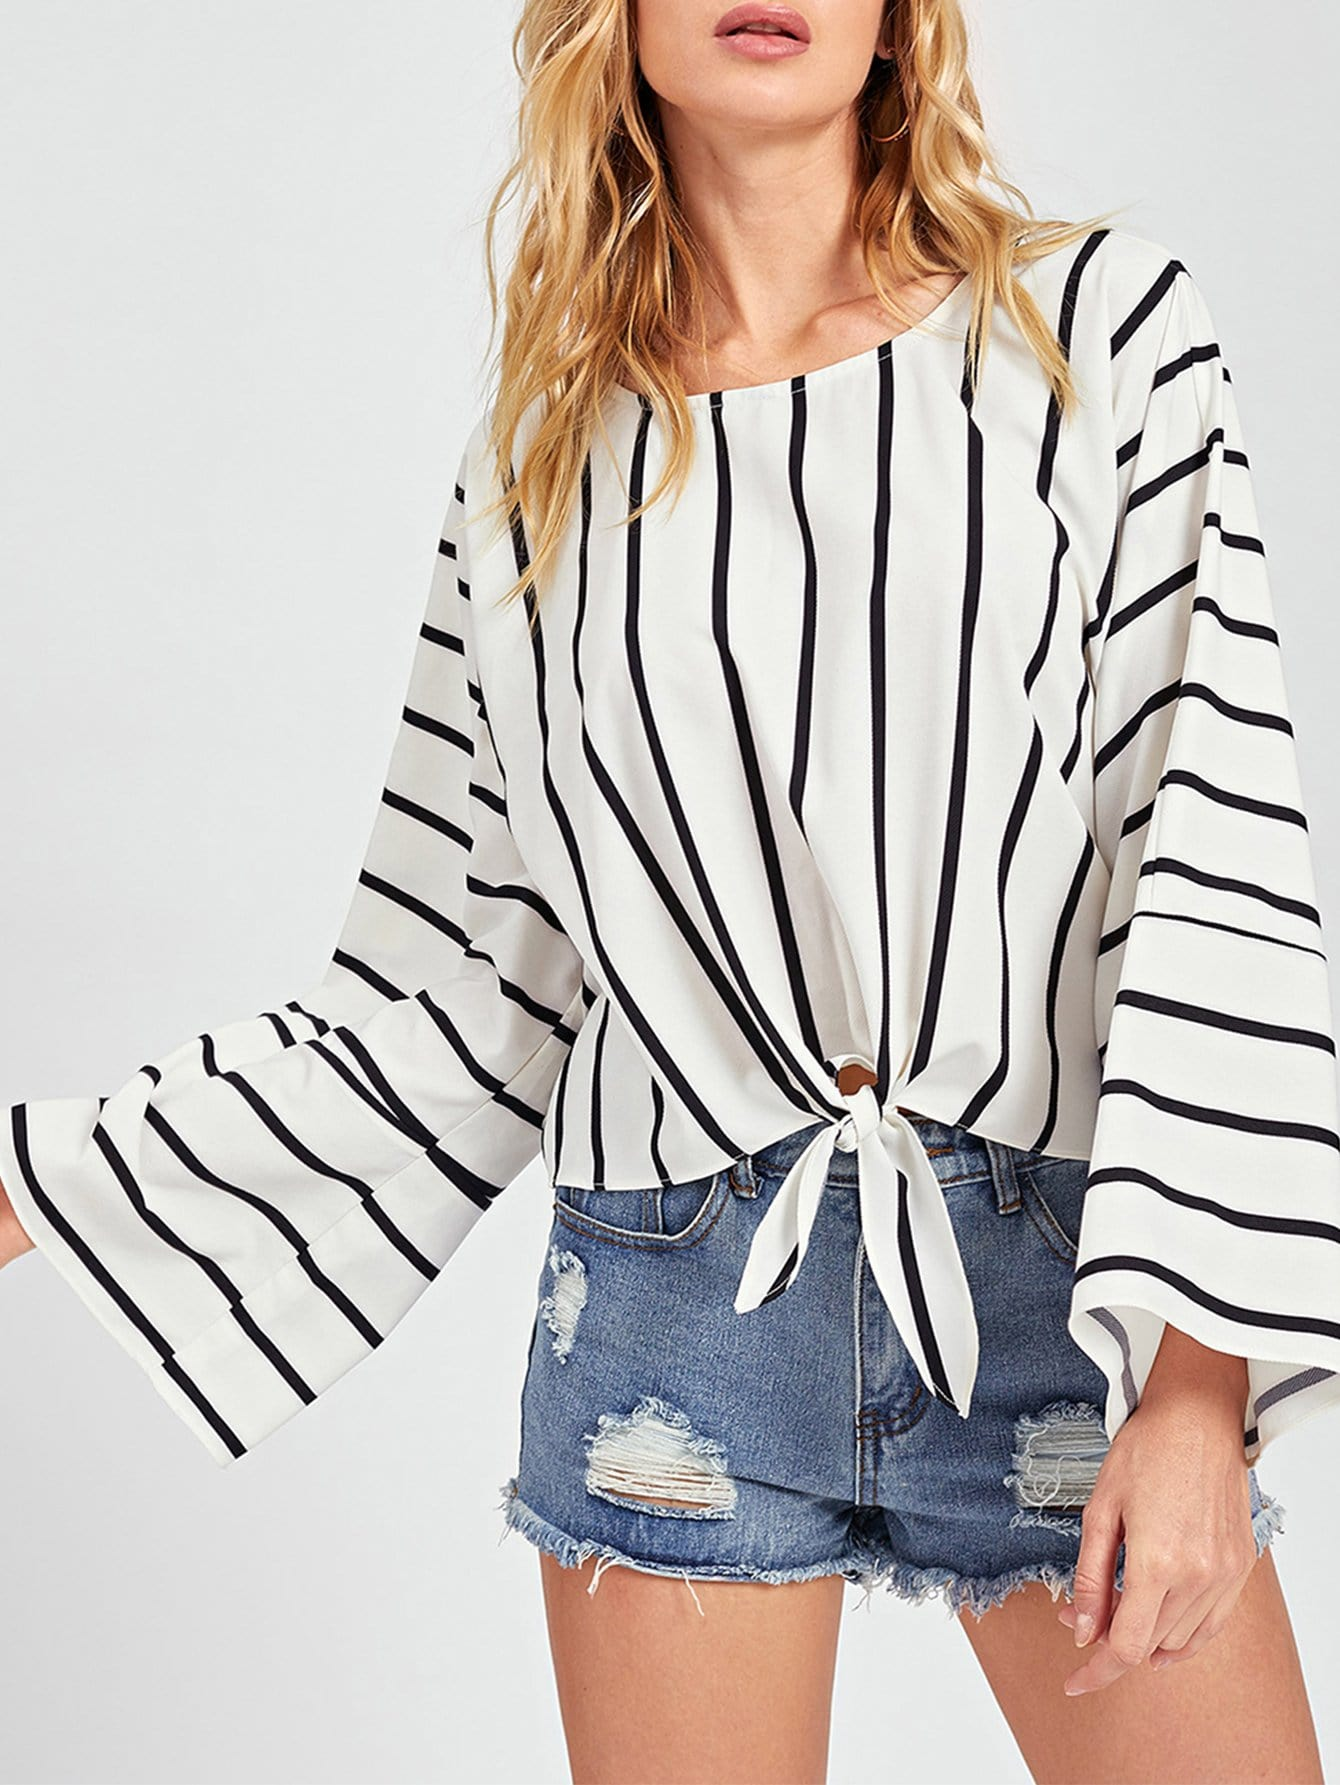 Купить Тонкая-полосатая блуза с бантом, Masha, SheIn